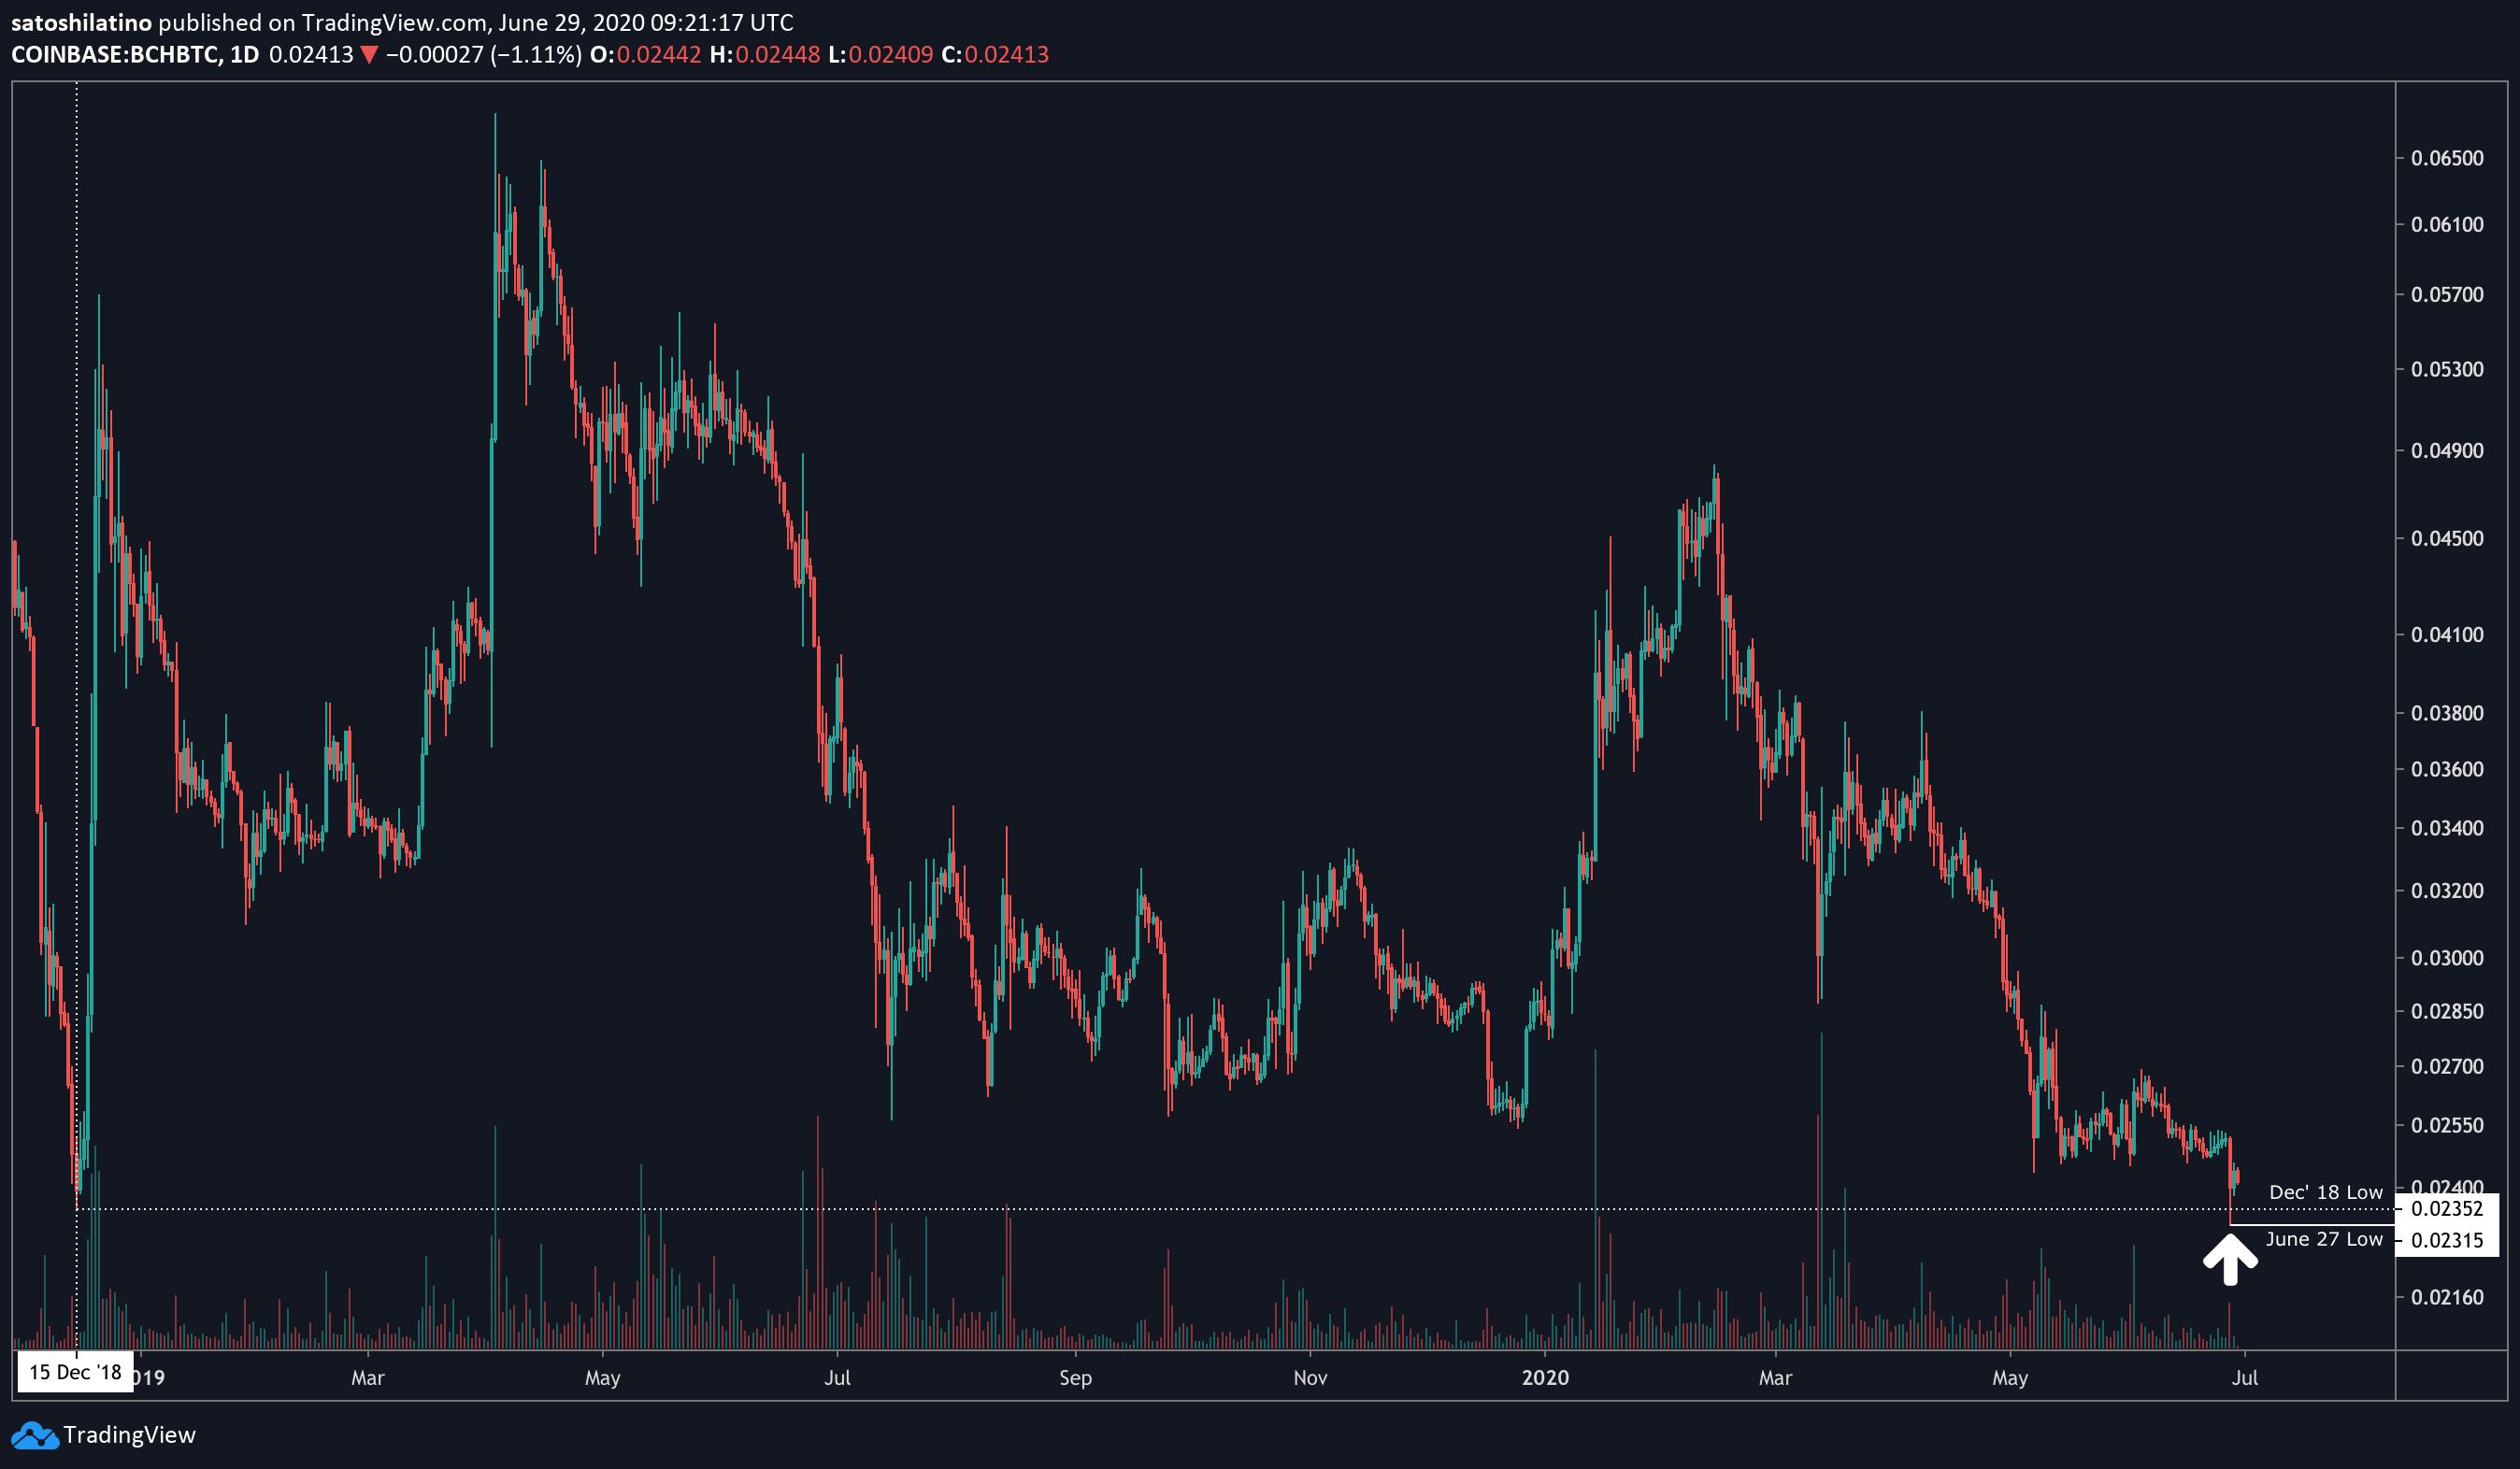 Bitcoin Cash US dollar price chart